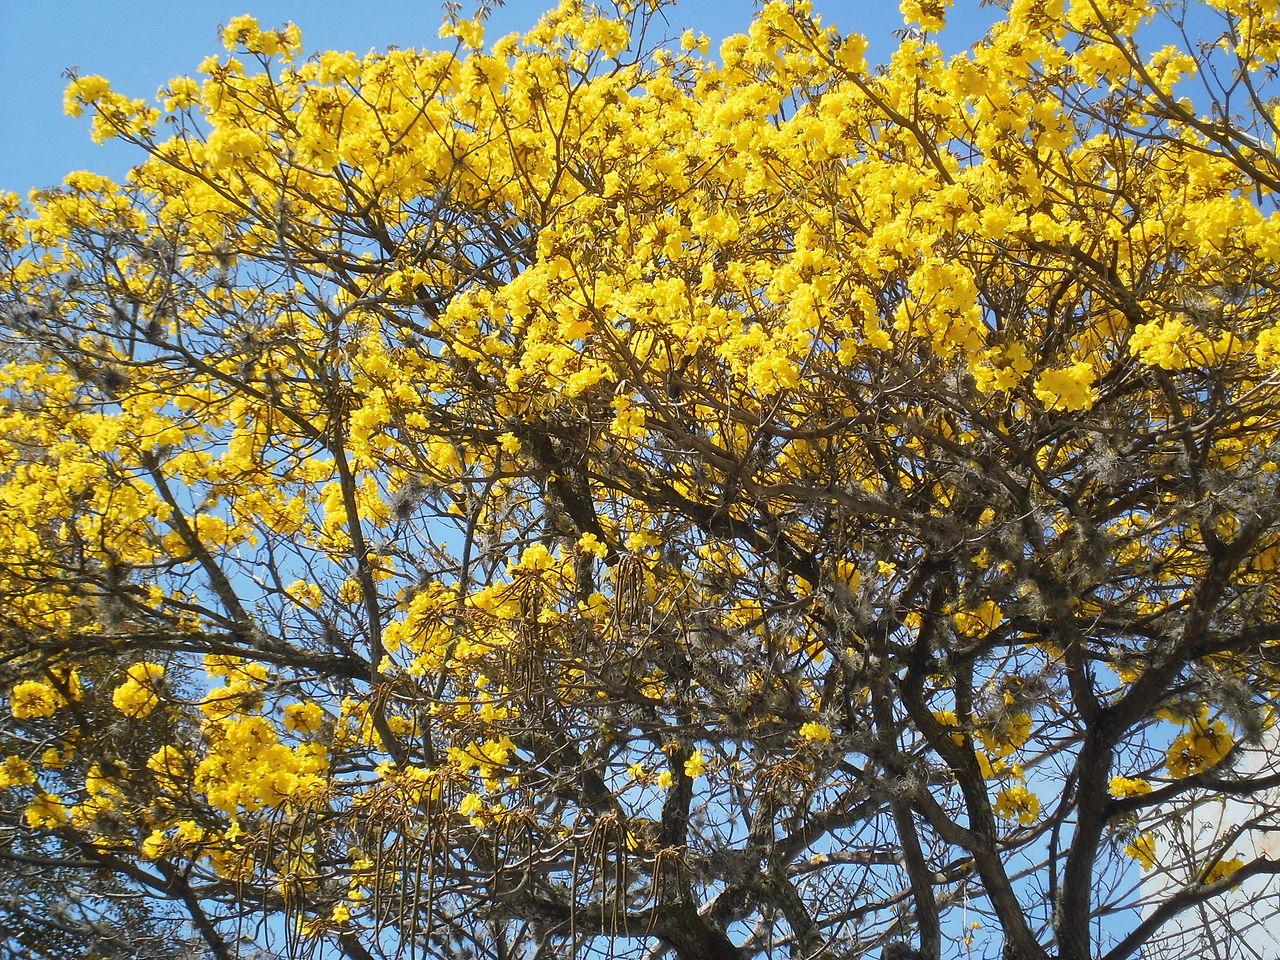 Vista del árbol tropical Tabebuia chrysantha